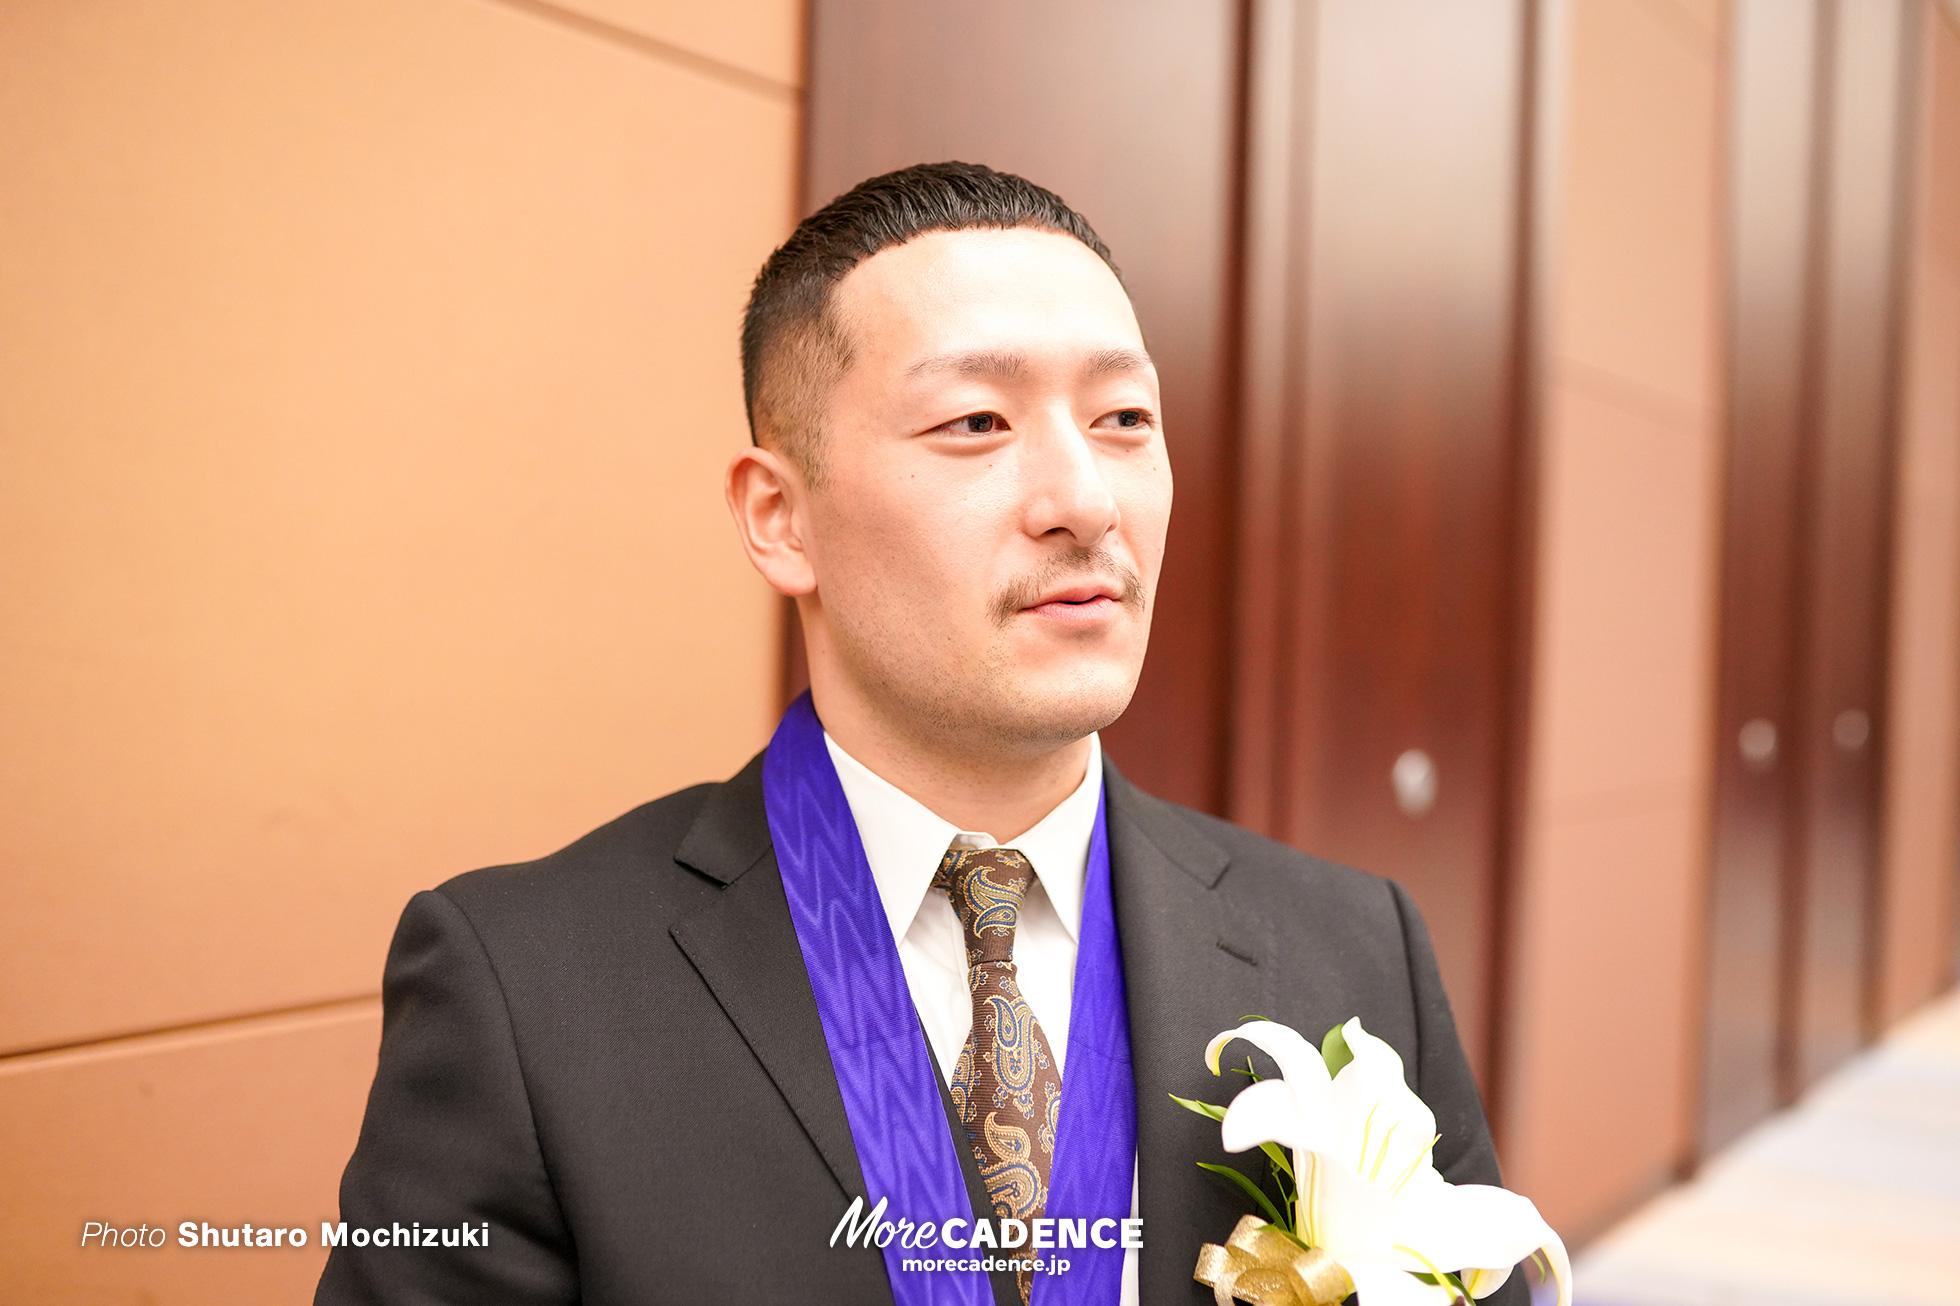 令和元年優秀選手表彰式 松井宏佑